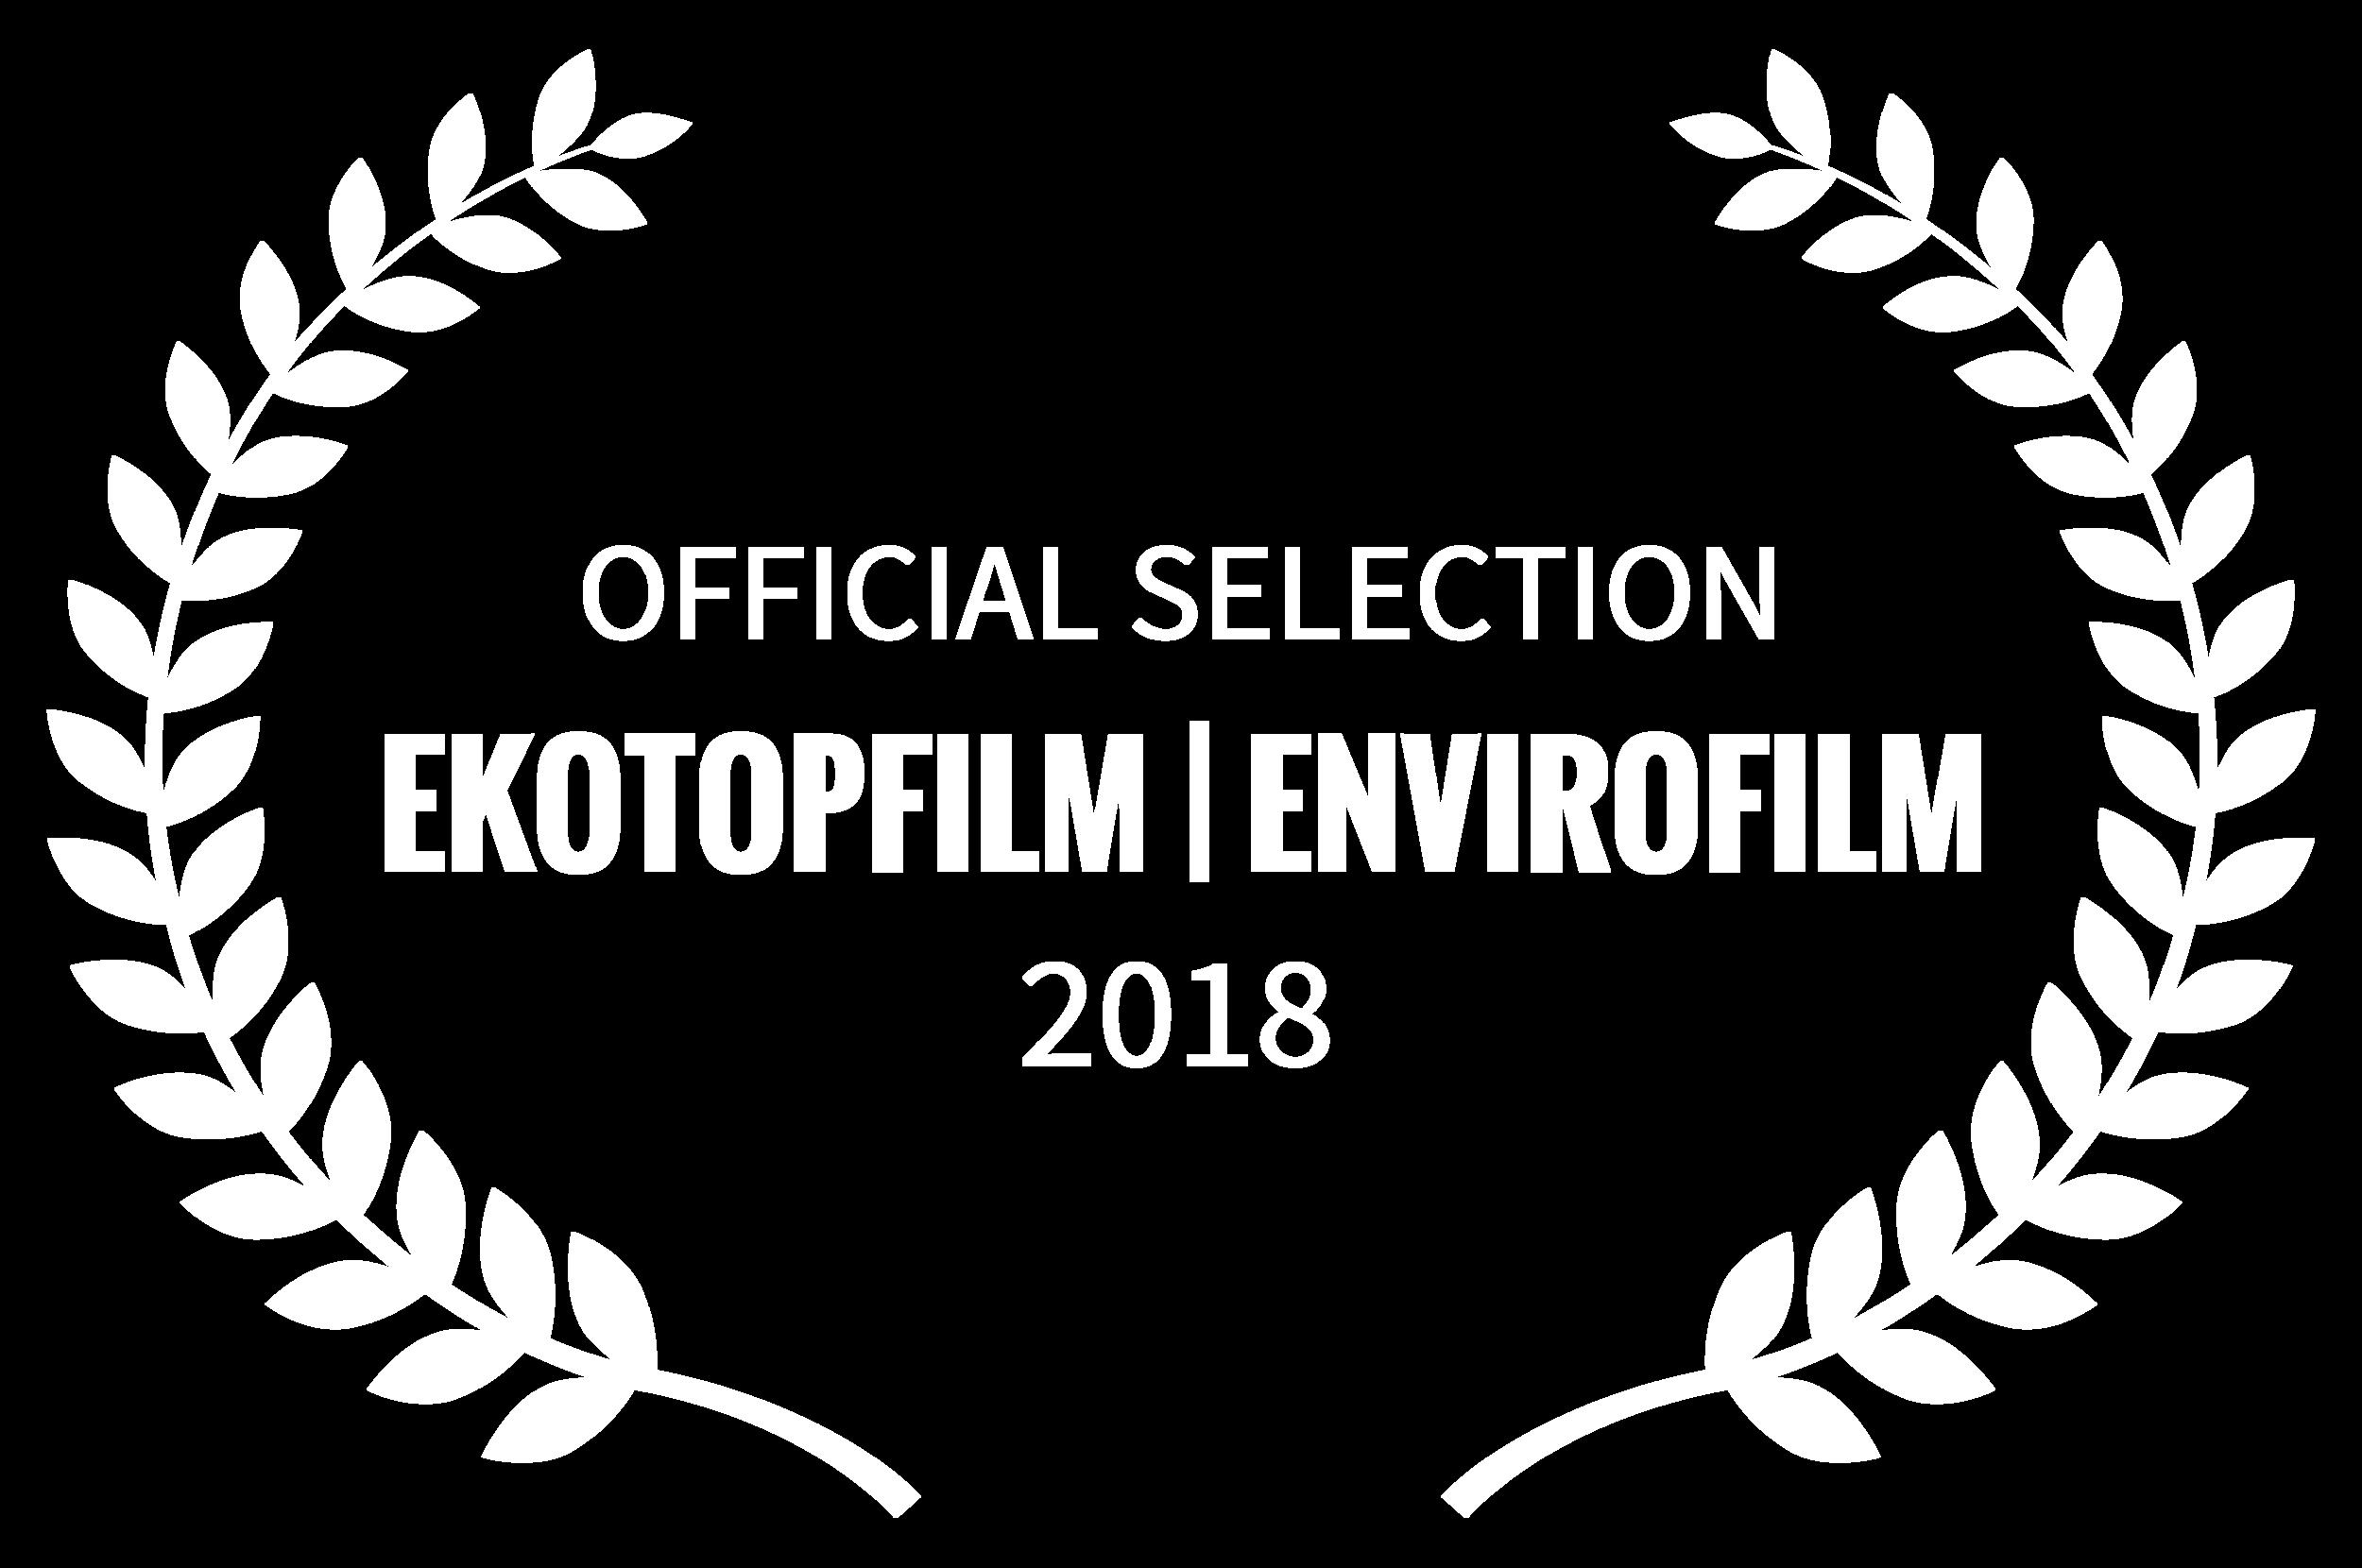 OFFICIALSELECTION-EKOTOPFILMENVIROFILM-2018.png